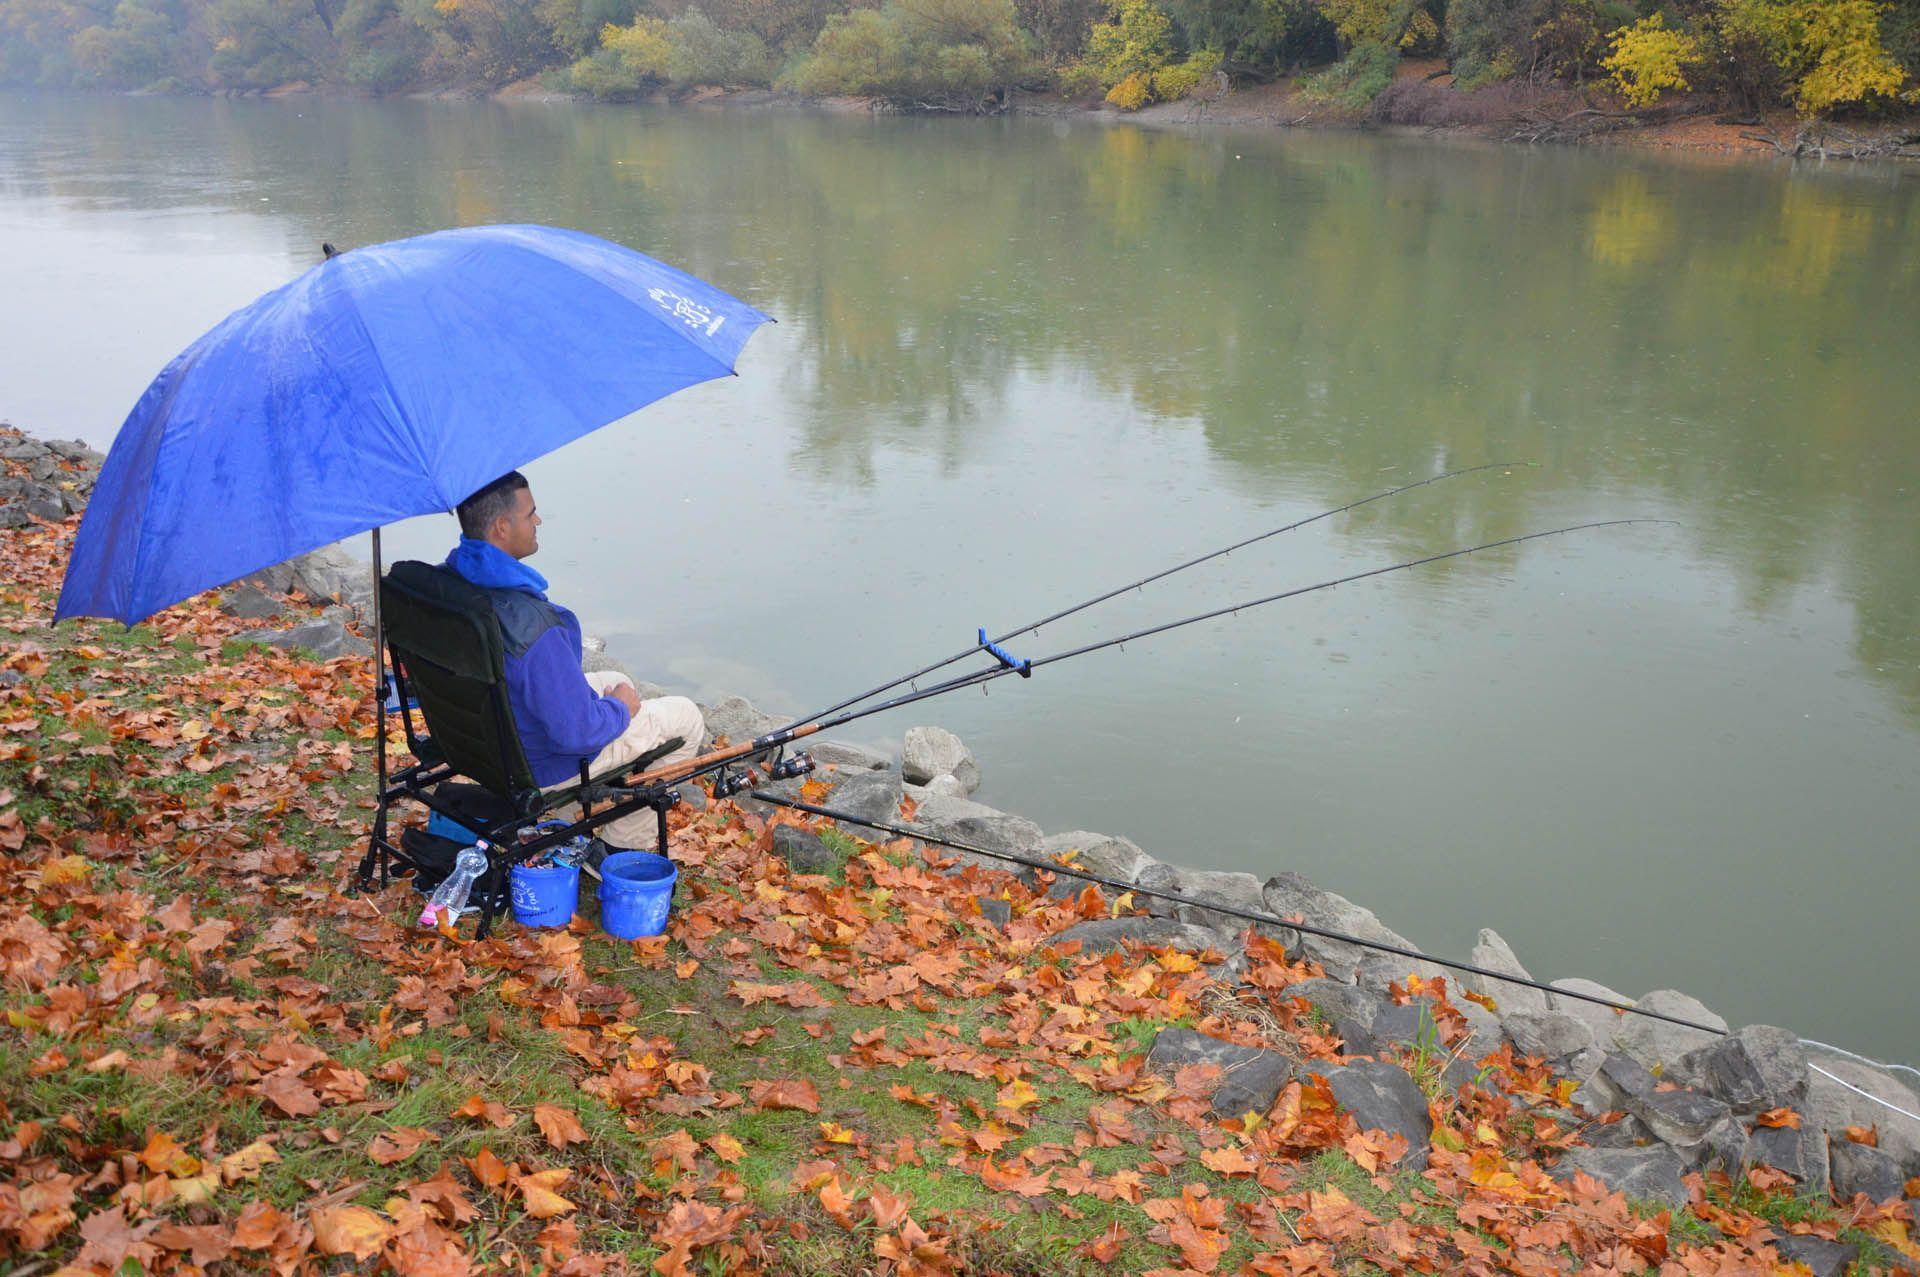 Az őszi záporok kellemetlenek tudnak lenni, de egy jól felépített horgászállás védelmet nyújt ez ellen is!